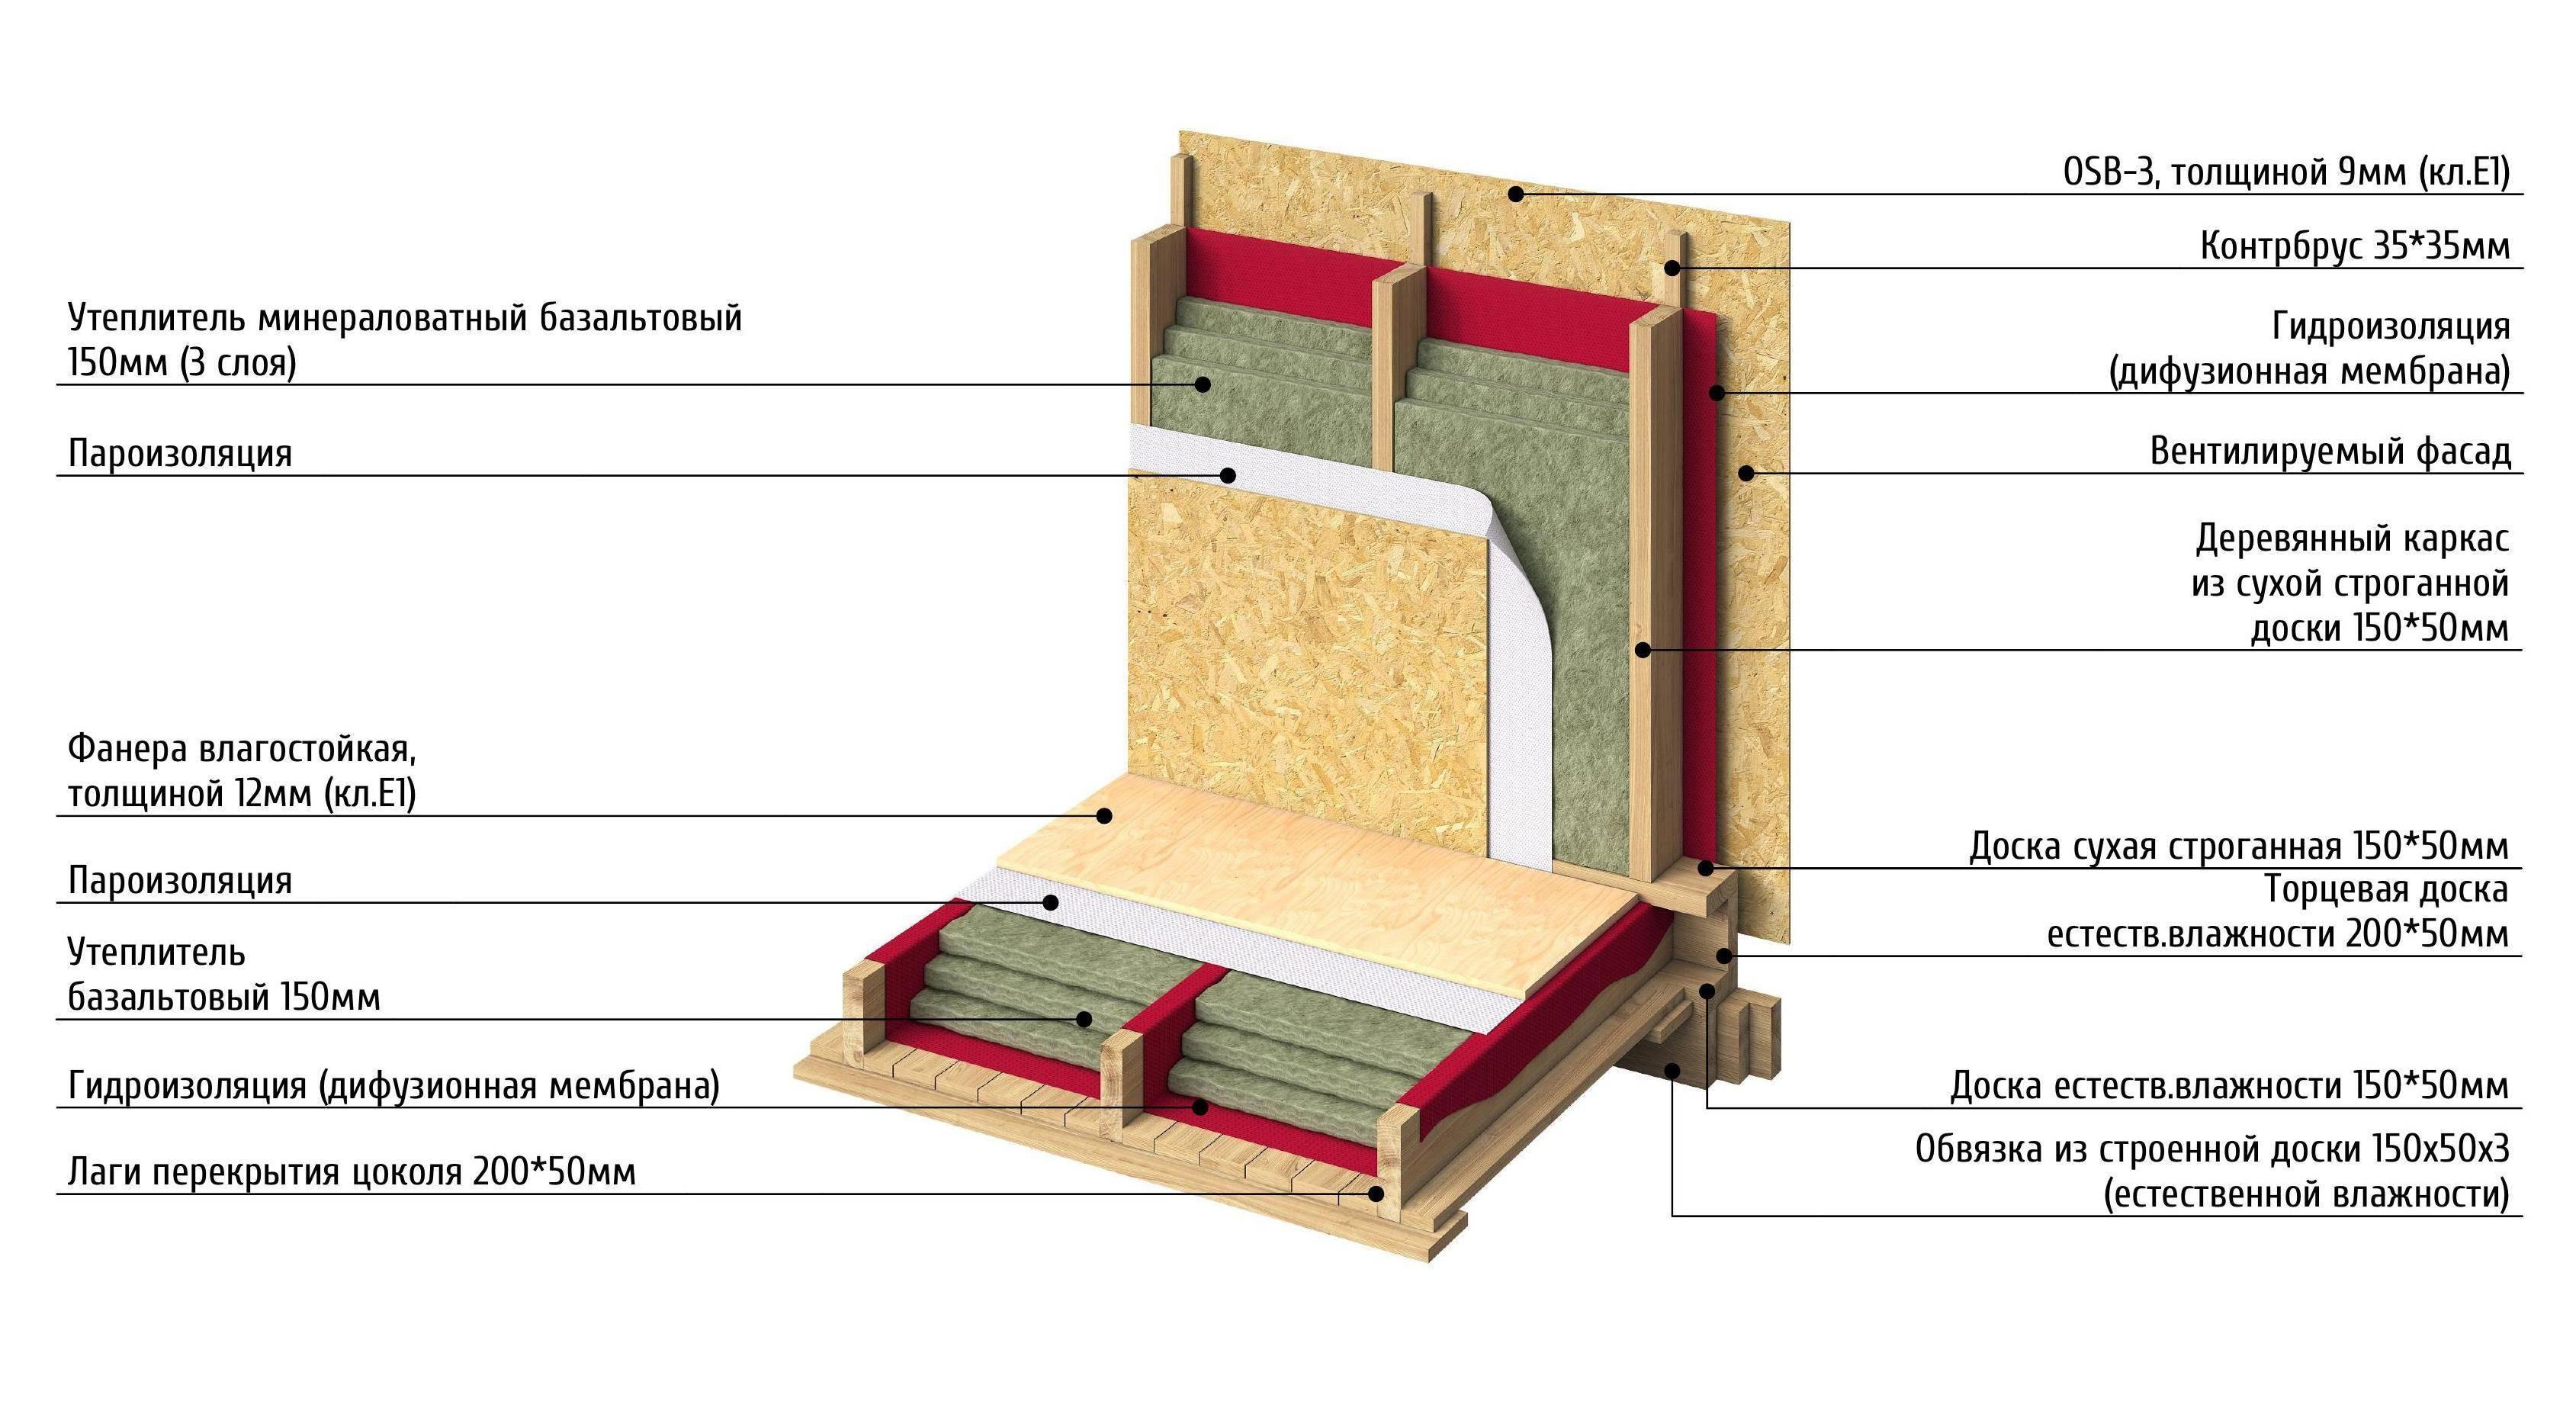 Скачать сто нострой 2.14.132-2013 фасады. облицовка поверхности наружных стен камнем природным и искусственным. правила, контроль выполнения и требования к результатам работ